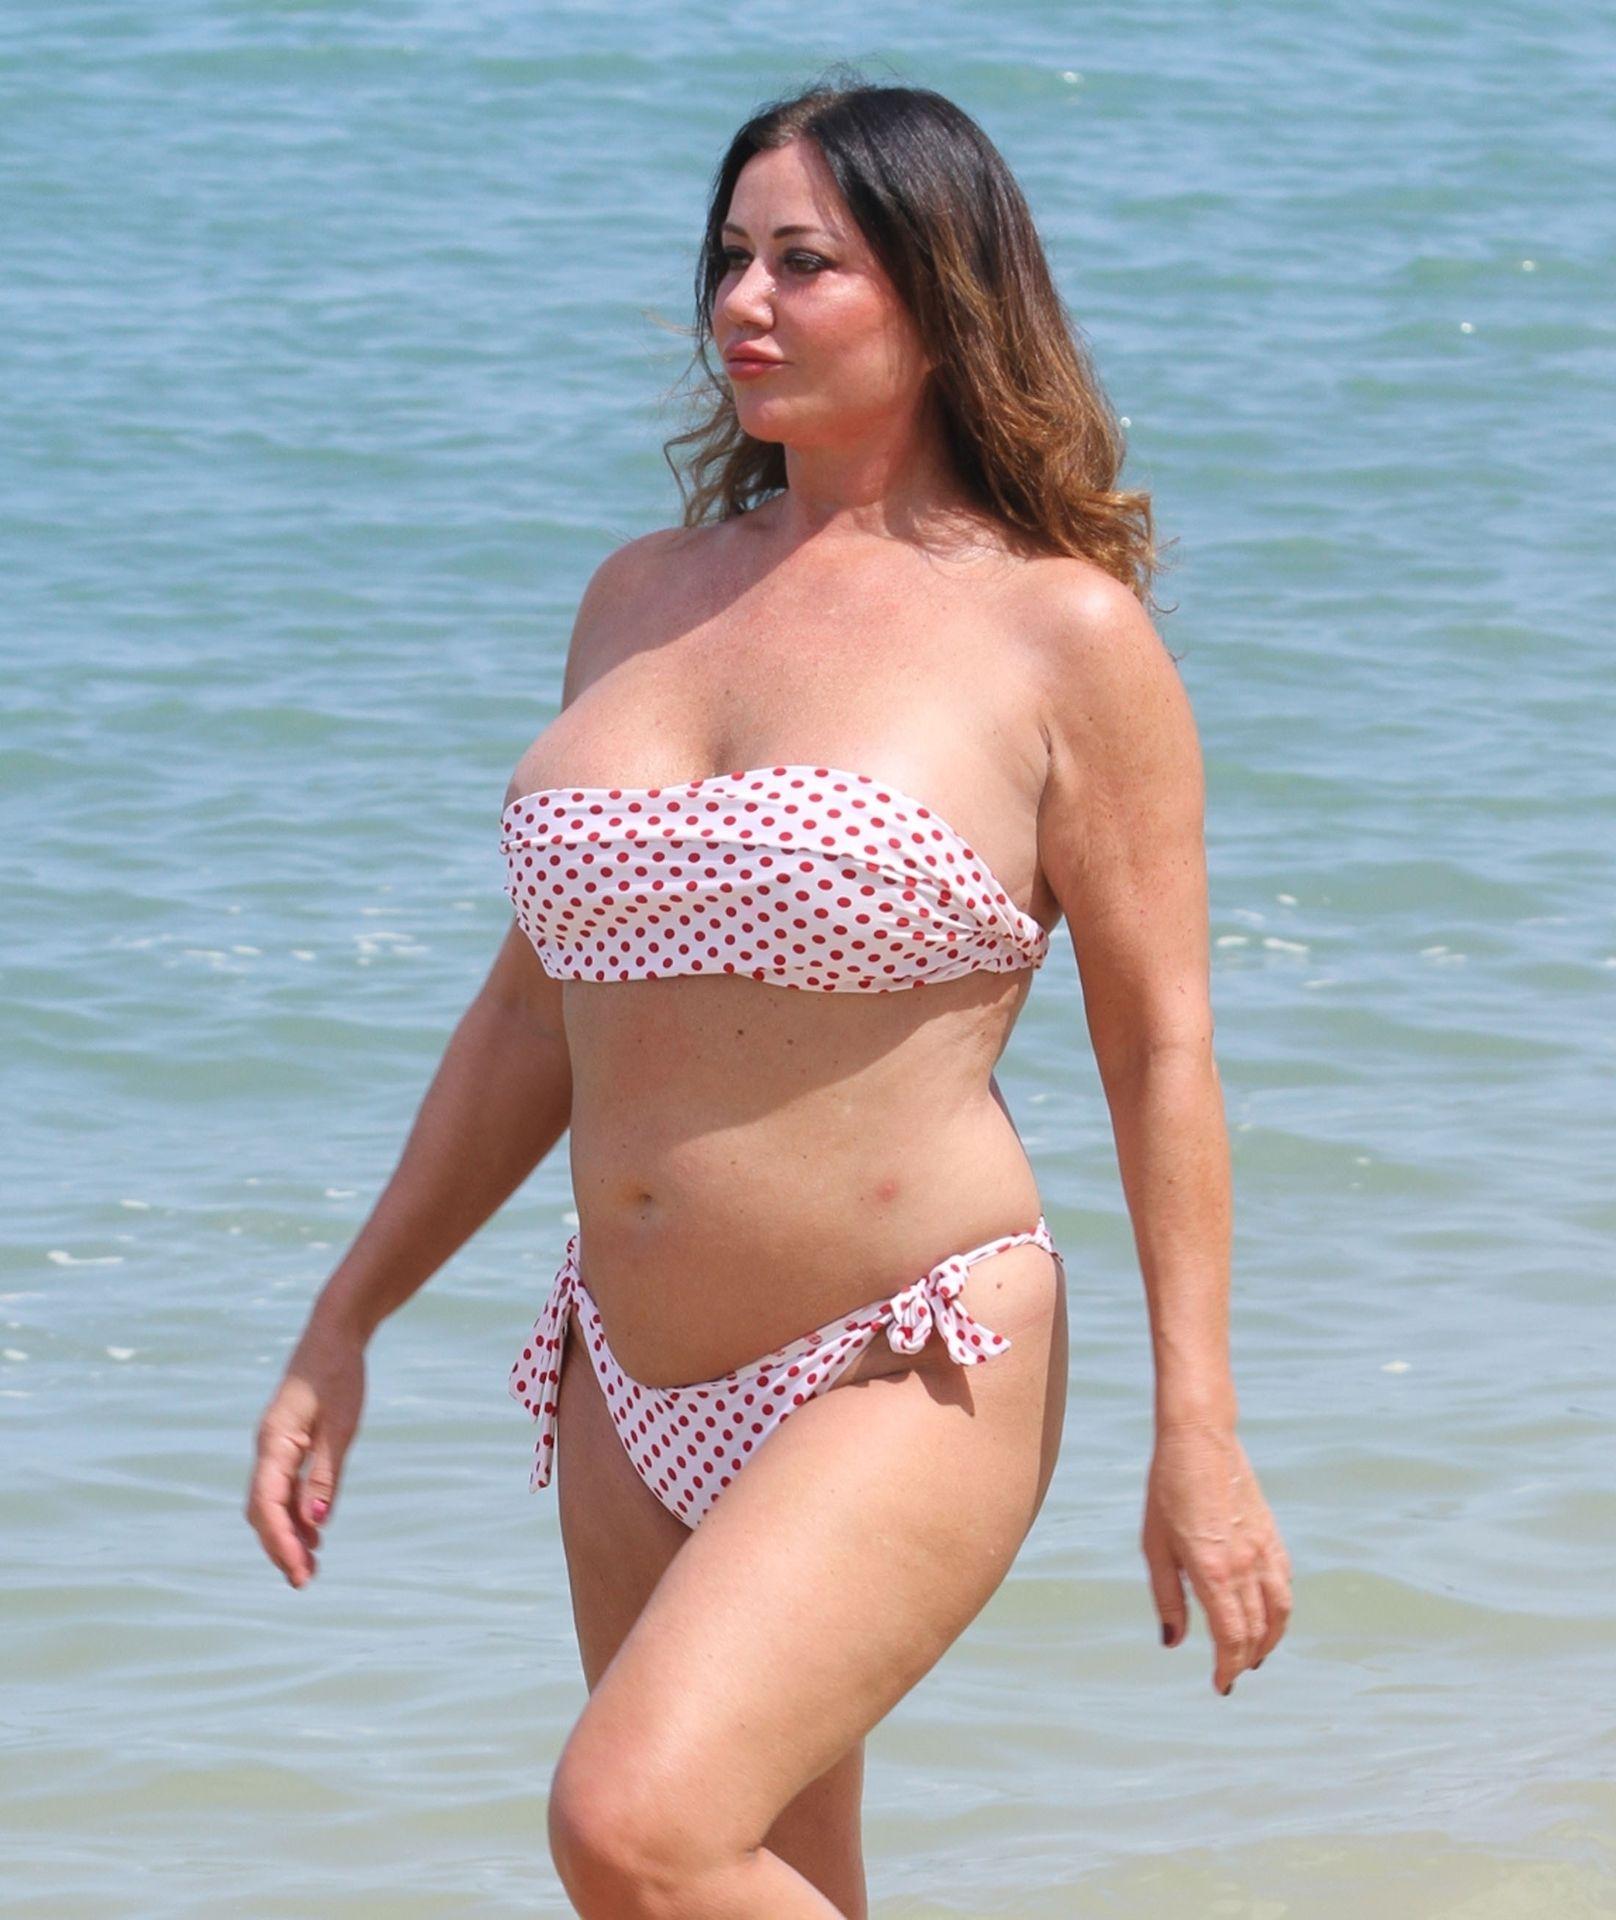 Lisa Appleton Hot & Topless 0016